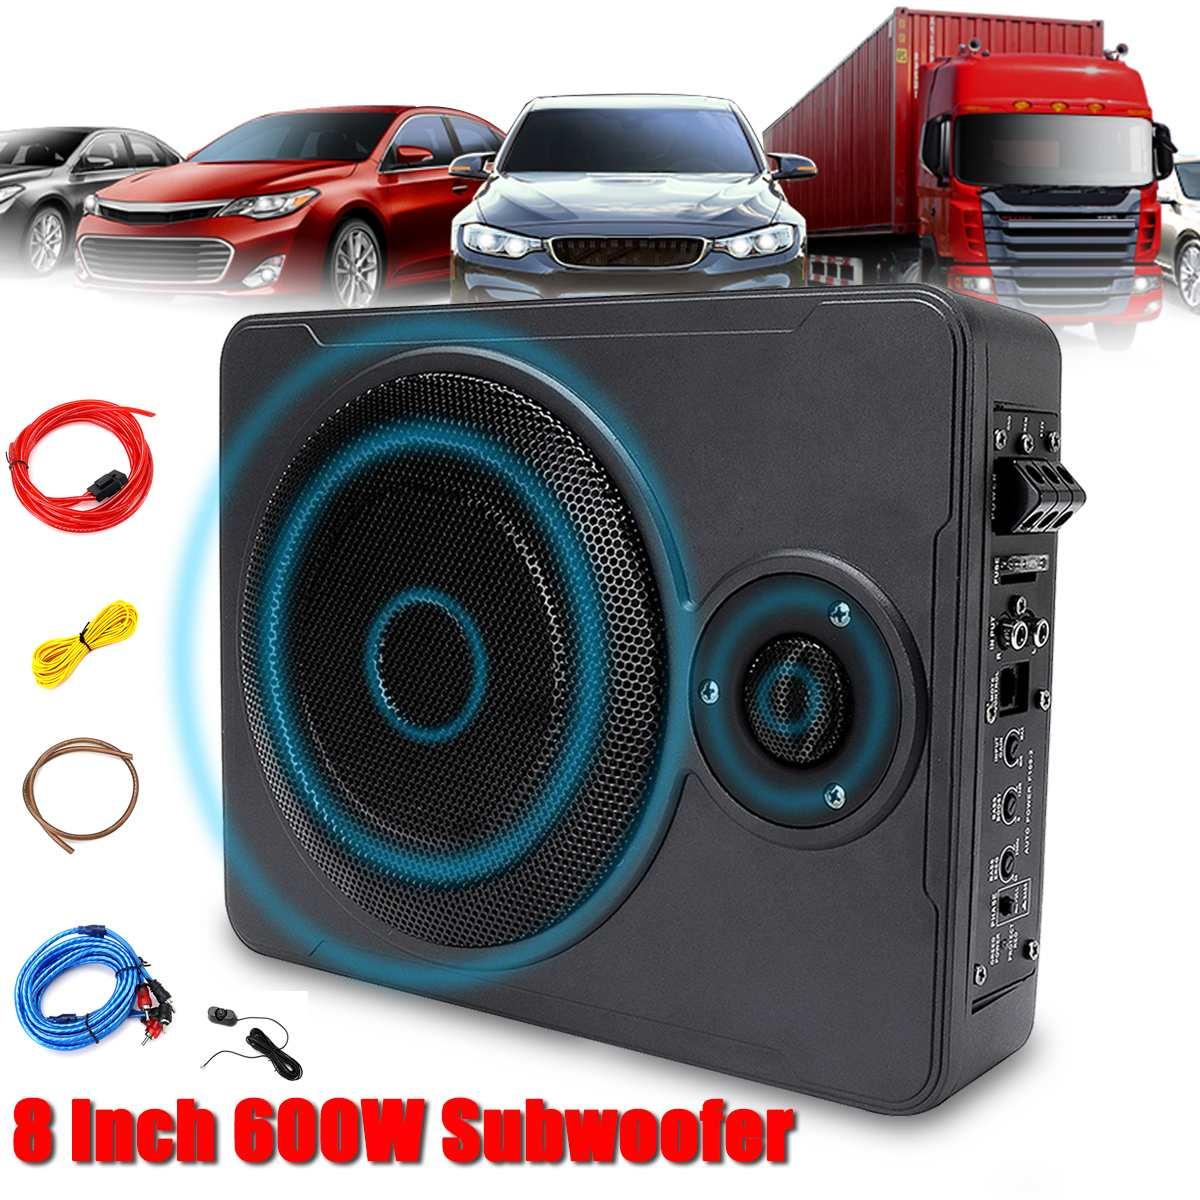 8 pouces 600W voiture maison Subwoofer sous siège sous siège sous caisson de basses voiture haut-parleur système de musique son voiture caissons de basses haut-parleur